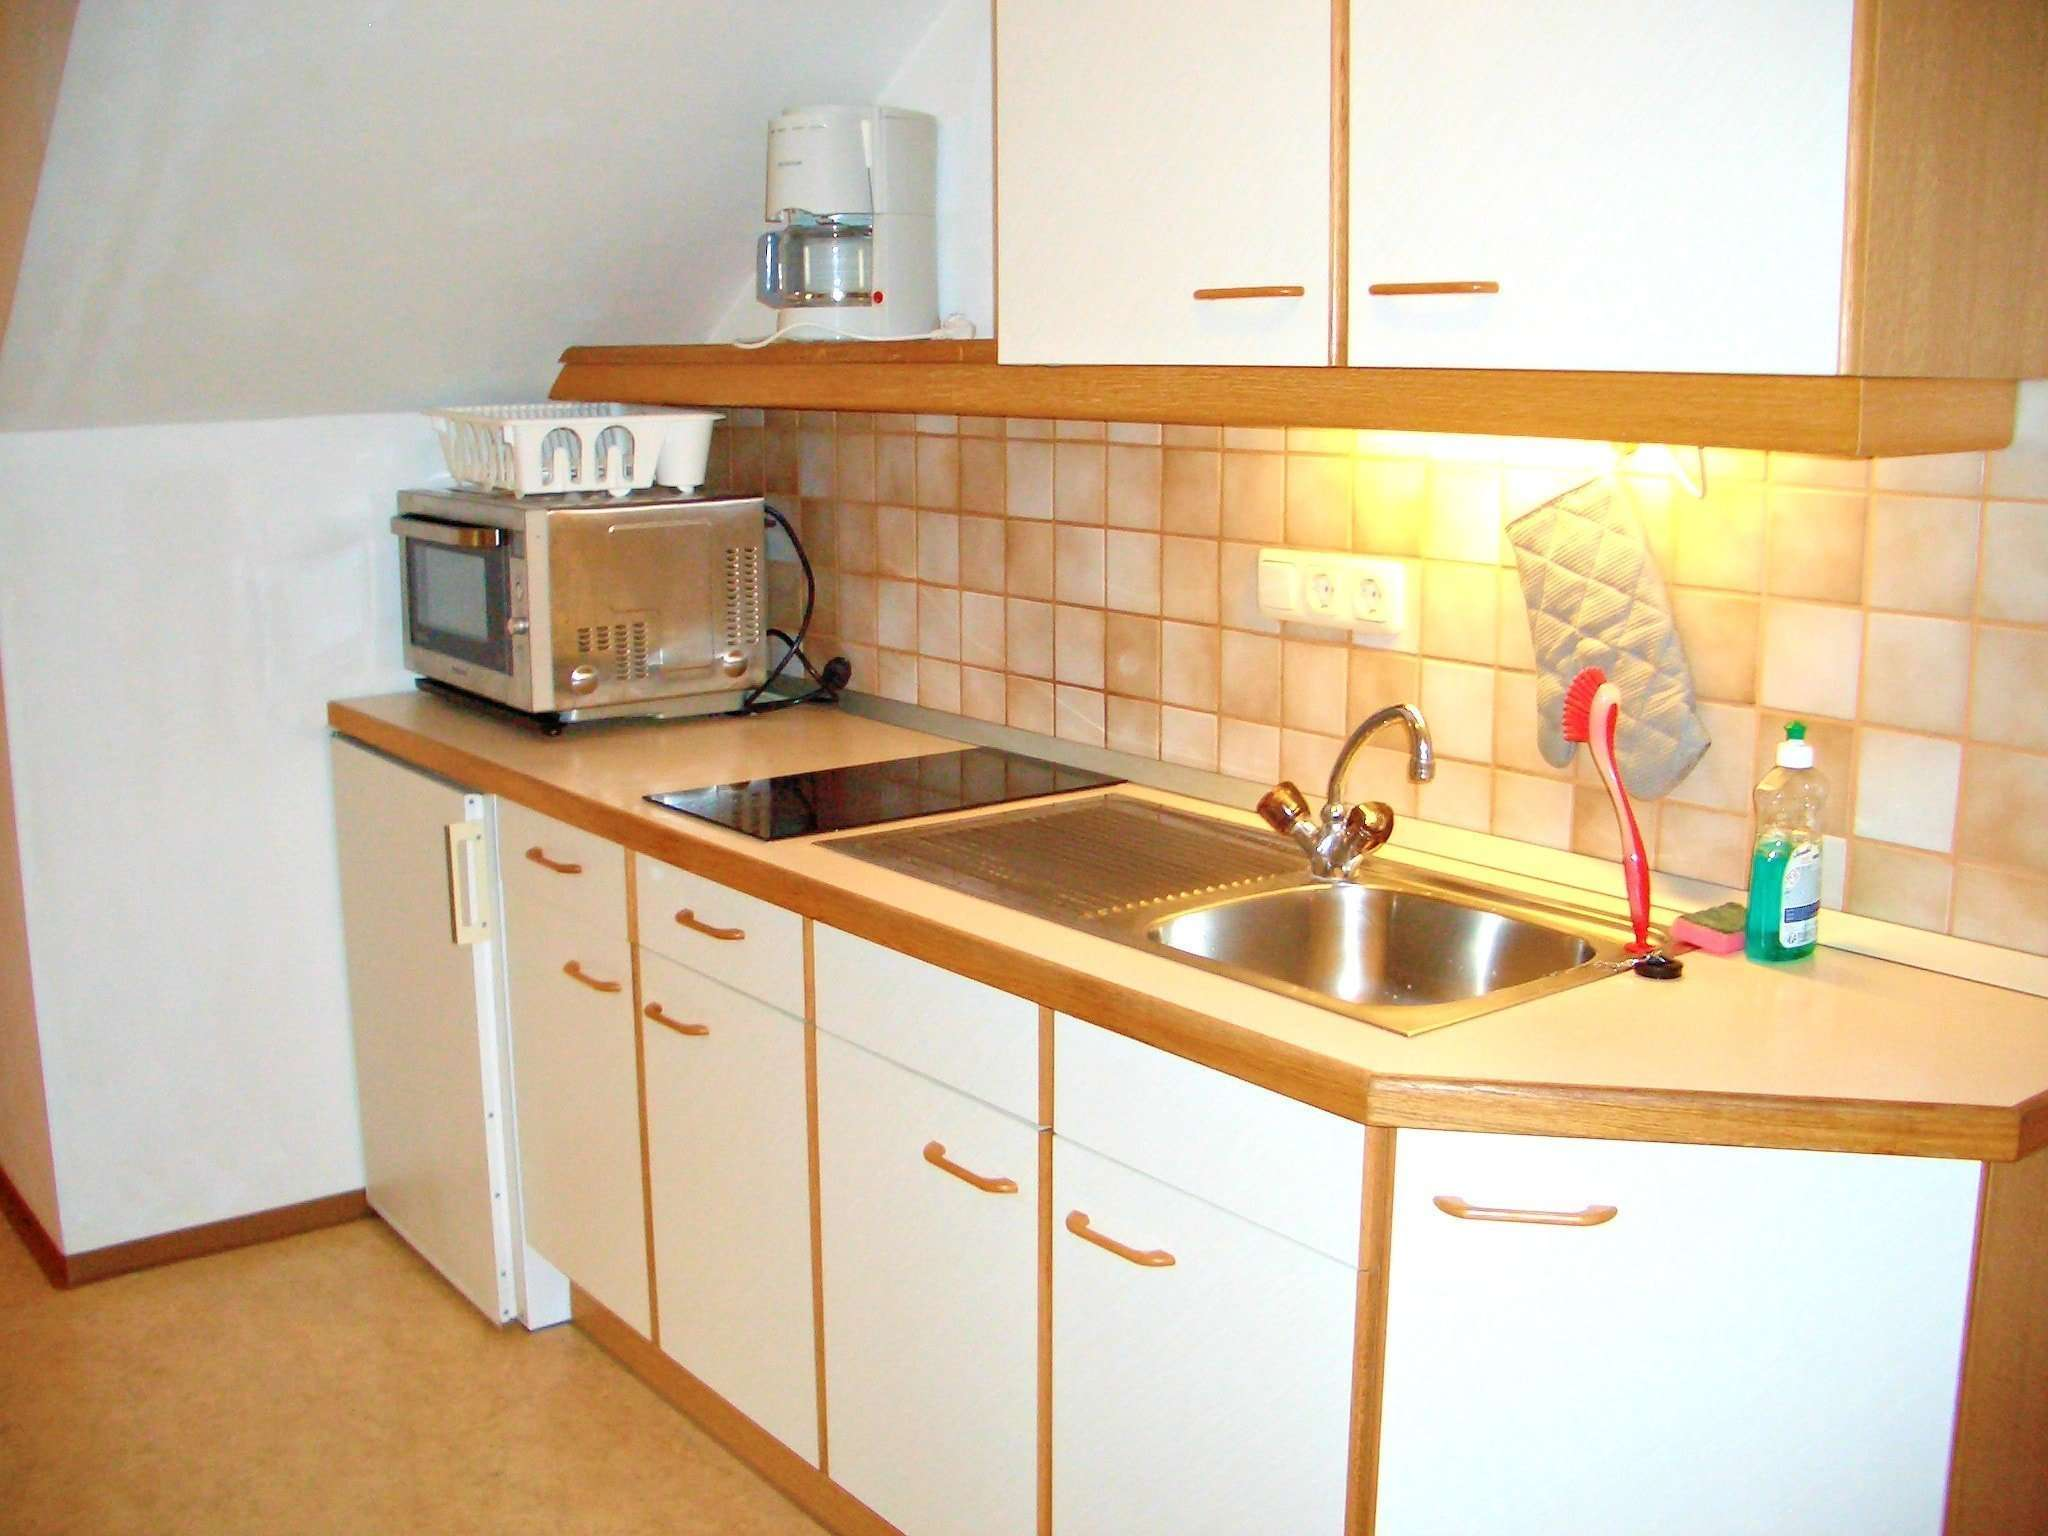 Aberg apartment kitchen, Haus Schneeberg, Hochkoenig